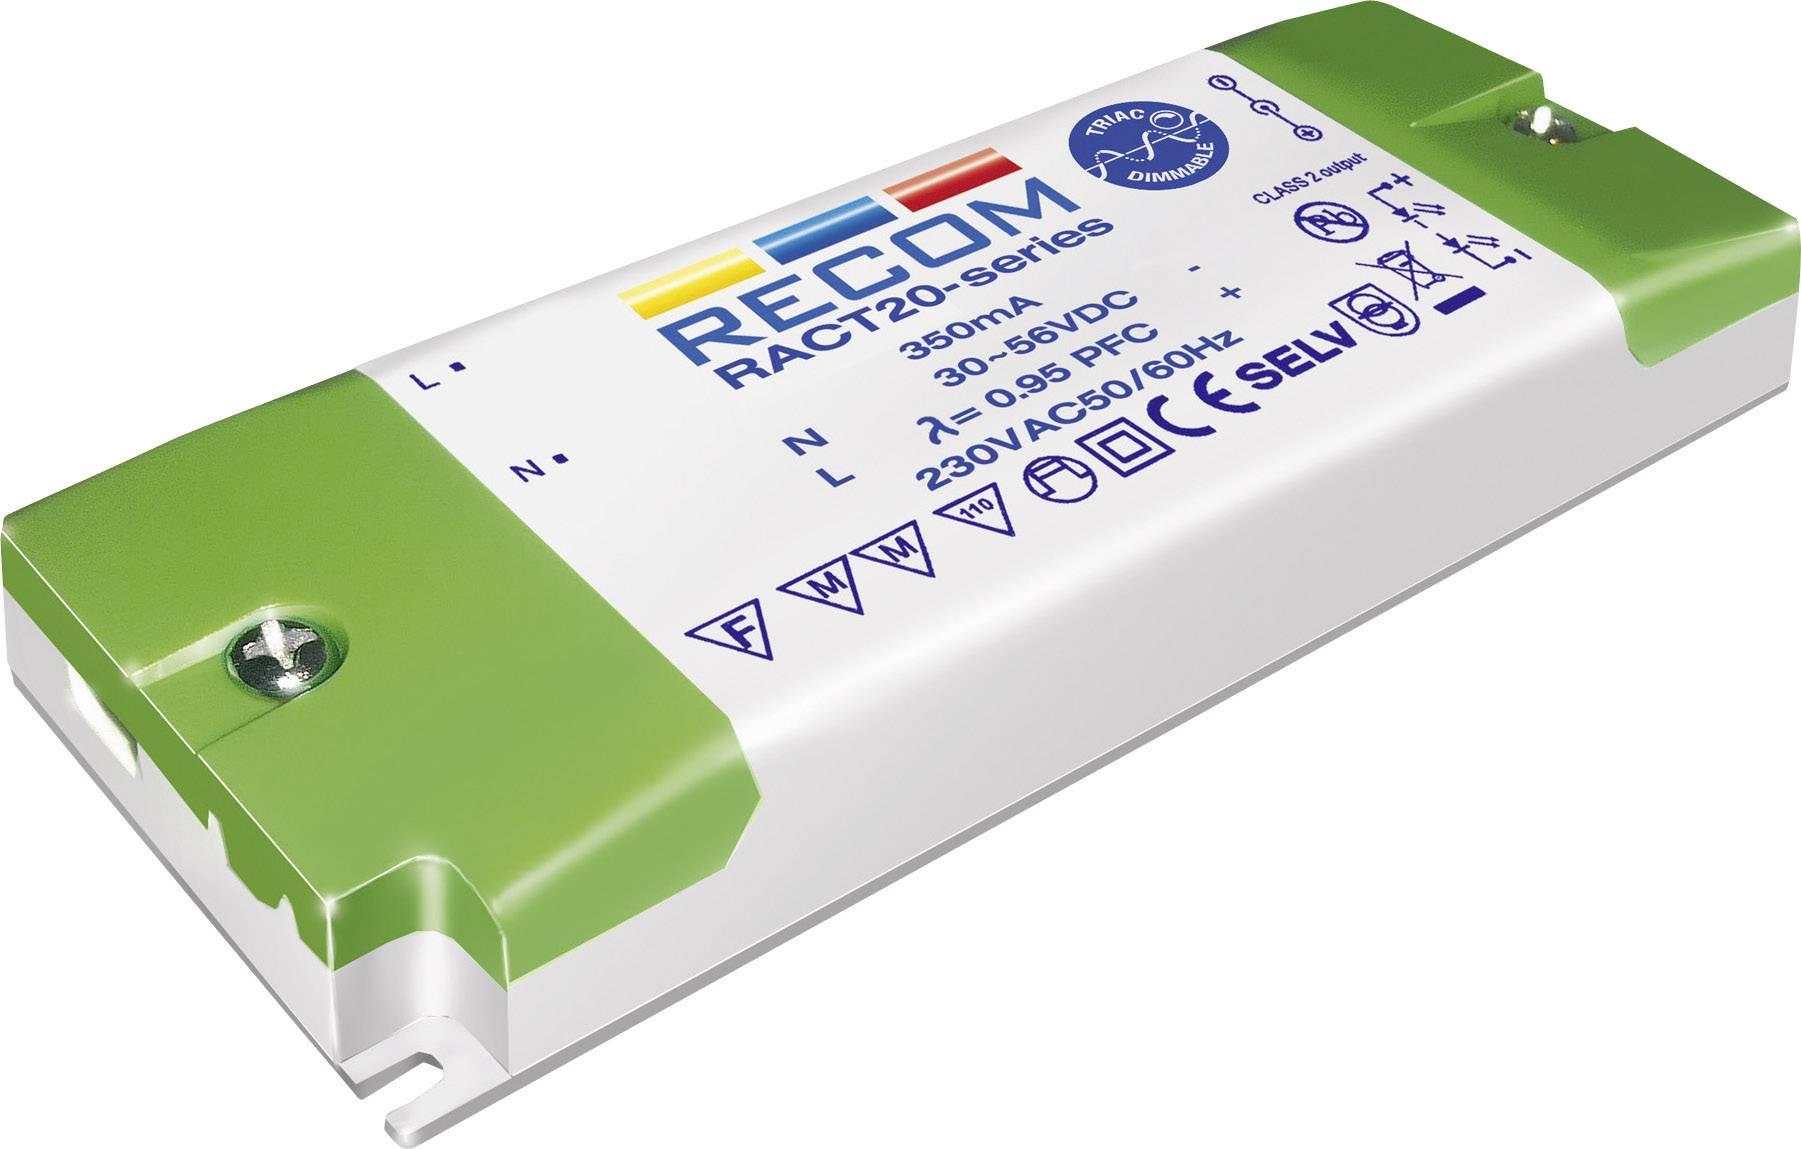 LED zdroj konst. proudu Recom Lighting RACT20-350, 20000840, 350 mA, 56 V